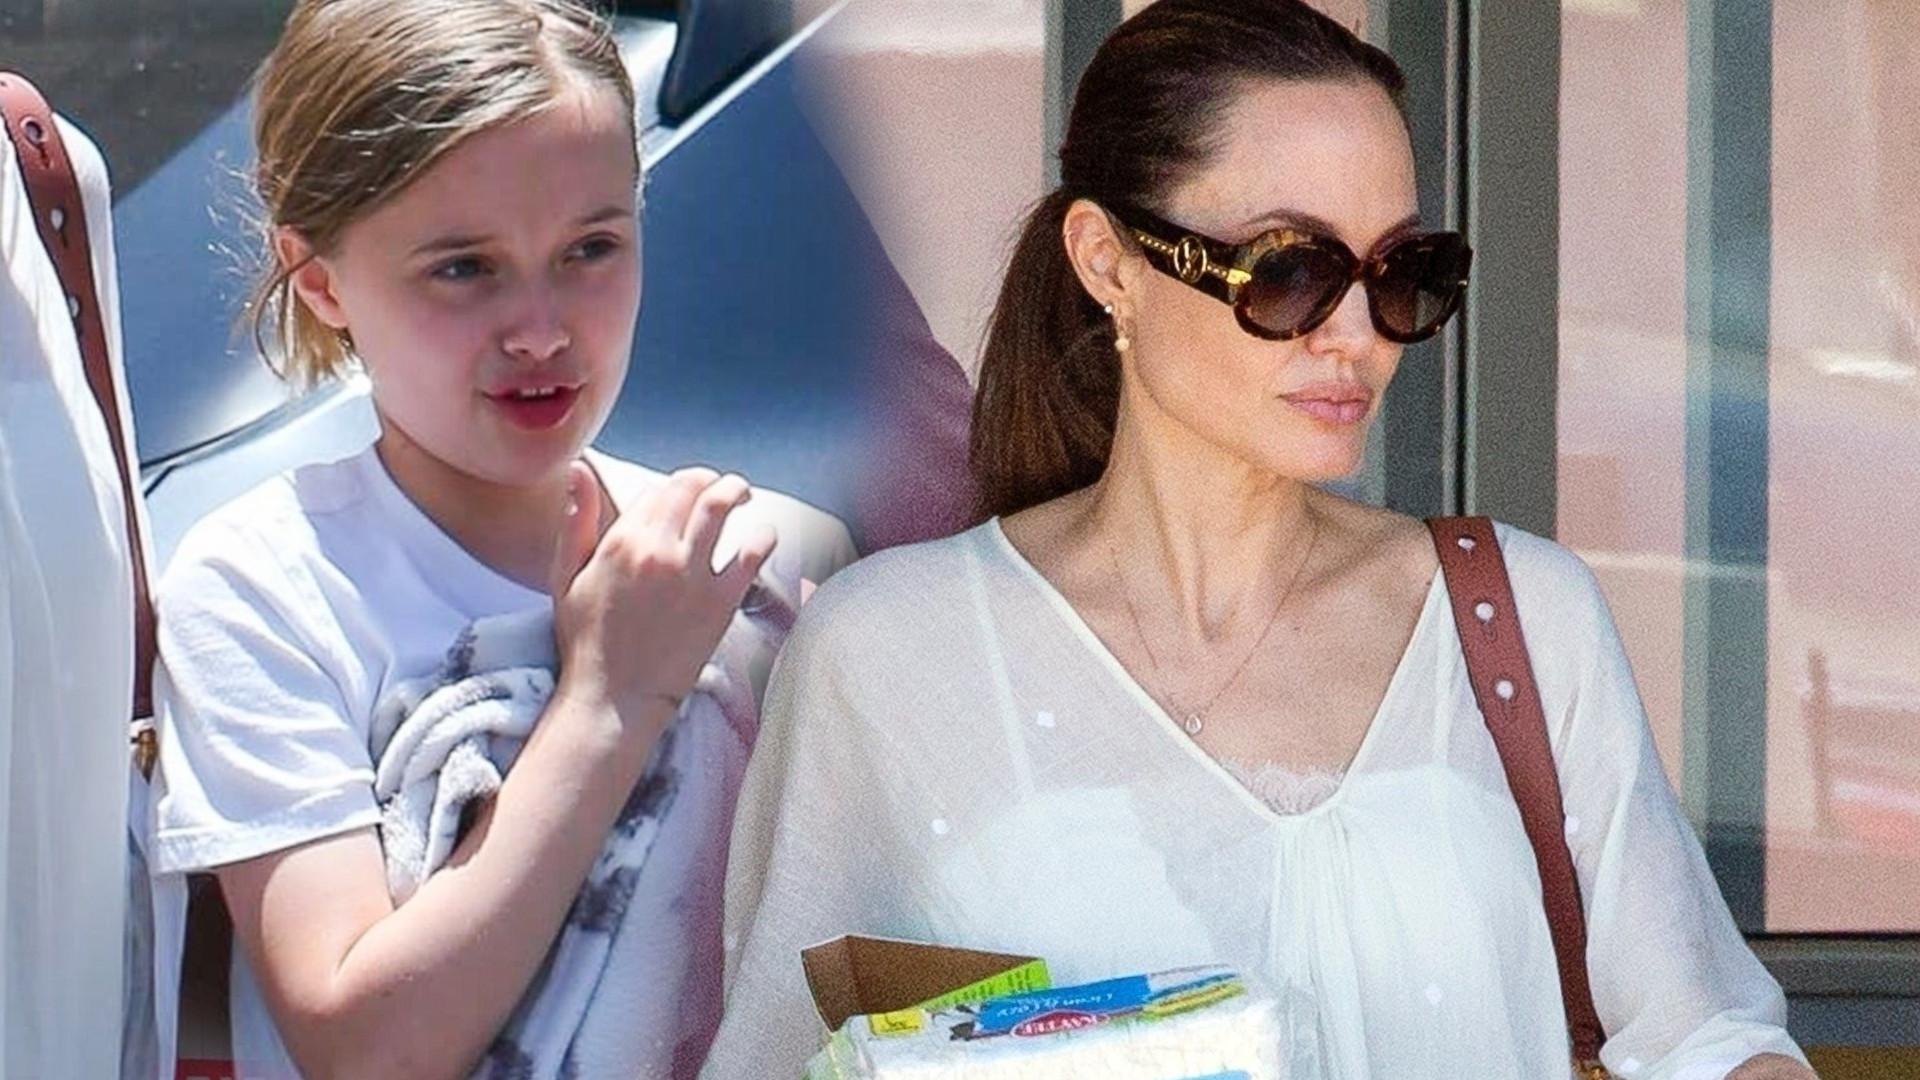 Angelina Jolie uszczęśliwiła córkę – Vivienne! Dziewczynka nie mogła powstrzymać uśmiechu (ZDJĘCIA)